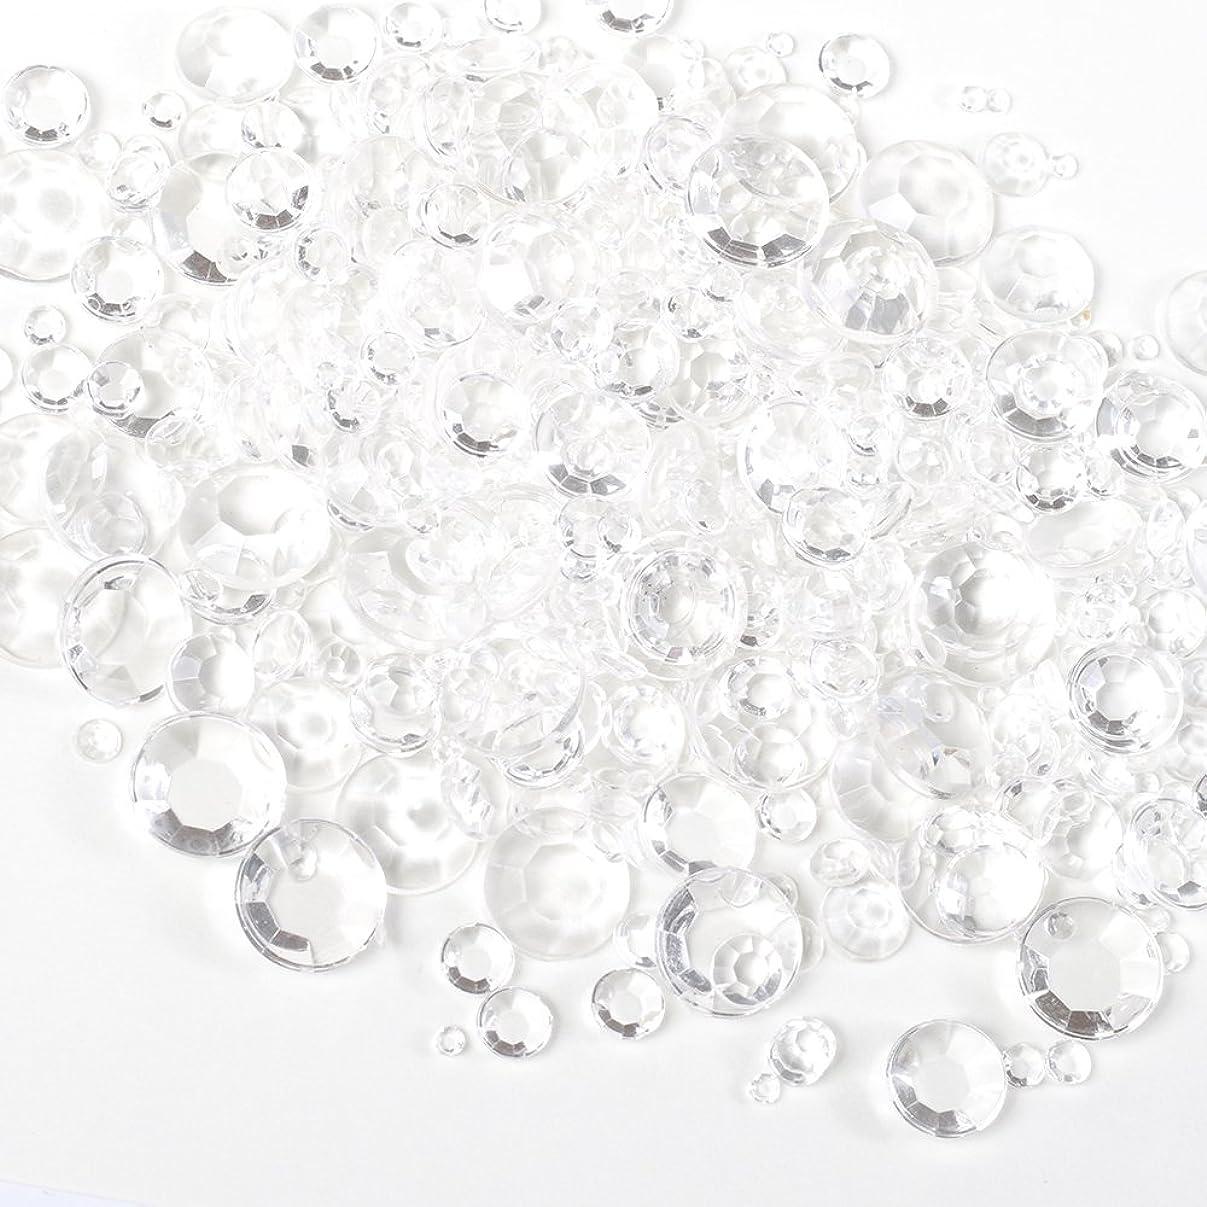 投げる控えるコースサイズ ミックス (全透明) スケルトン ラインストーン 約5g クリア アンホイル 【ラインストーン77】